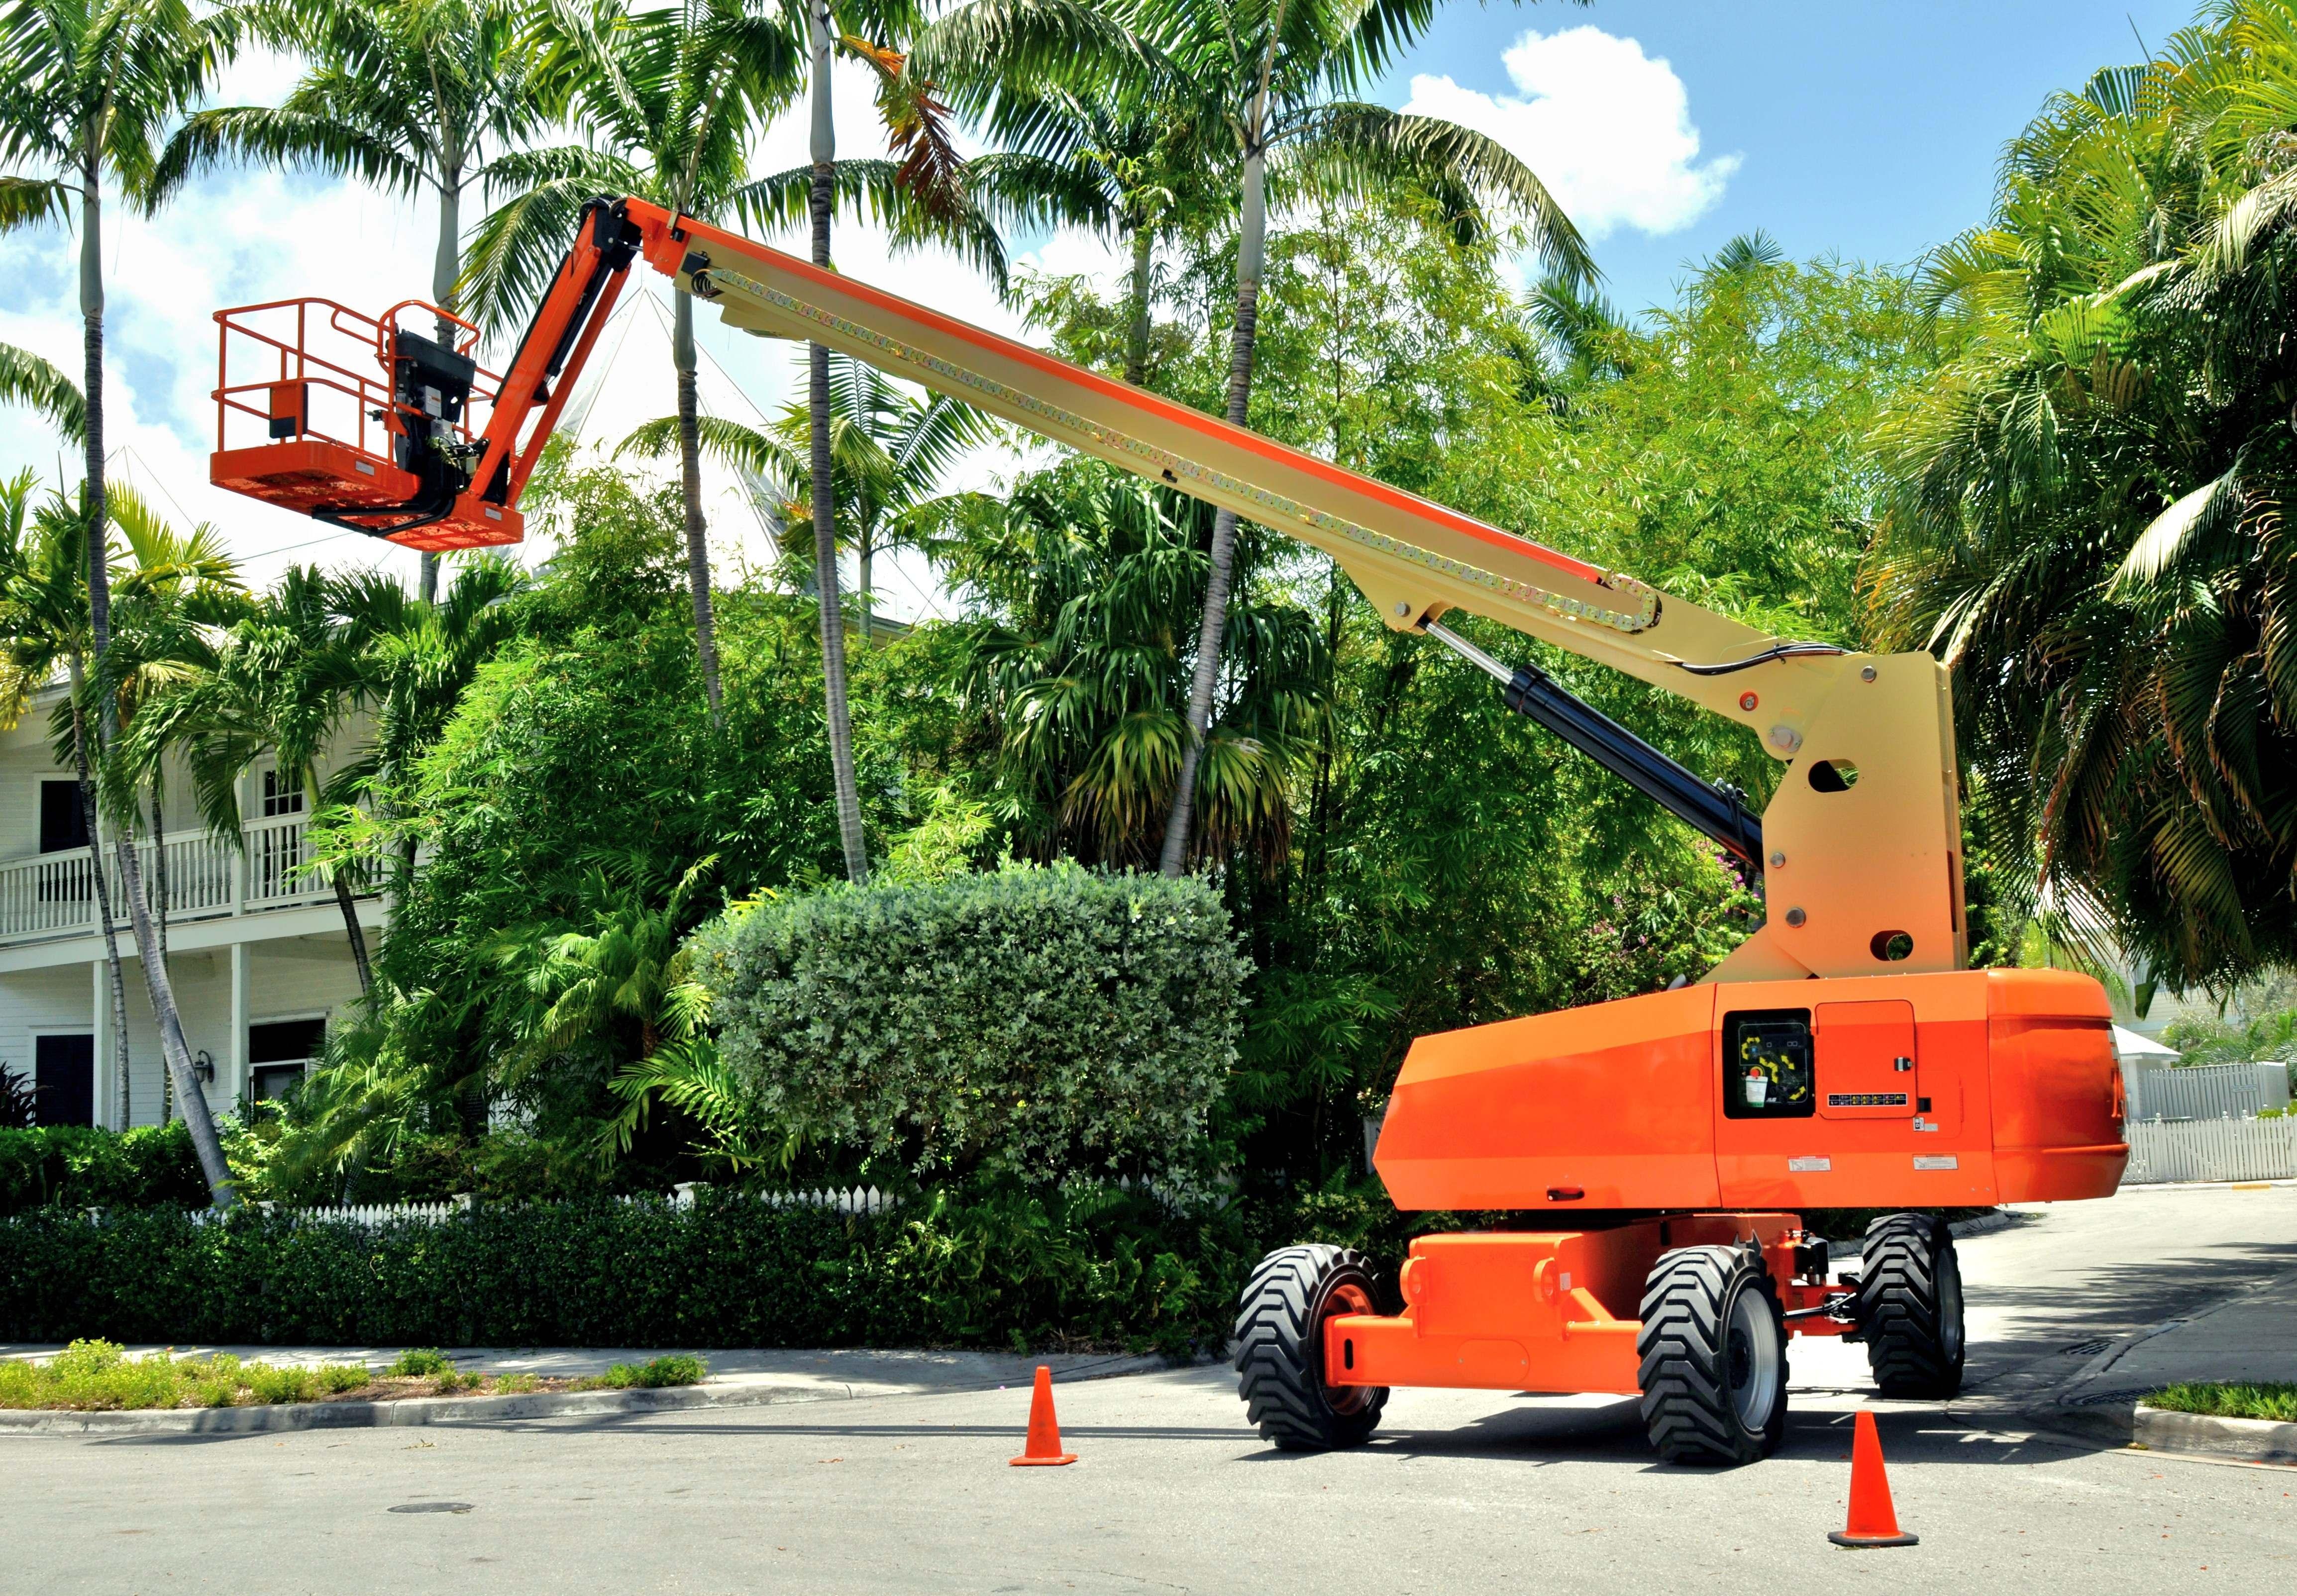 Trucks, Crane, Excavator